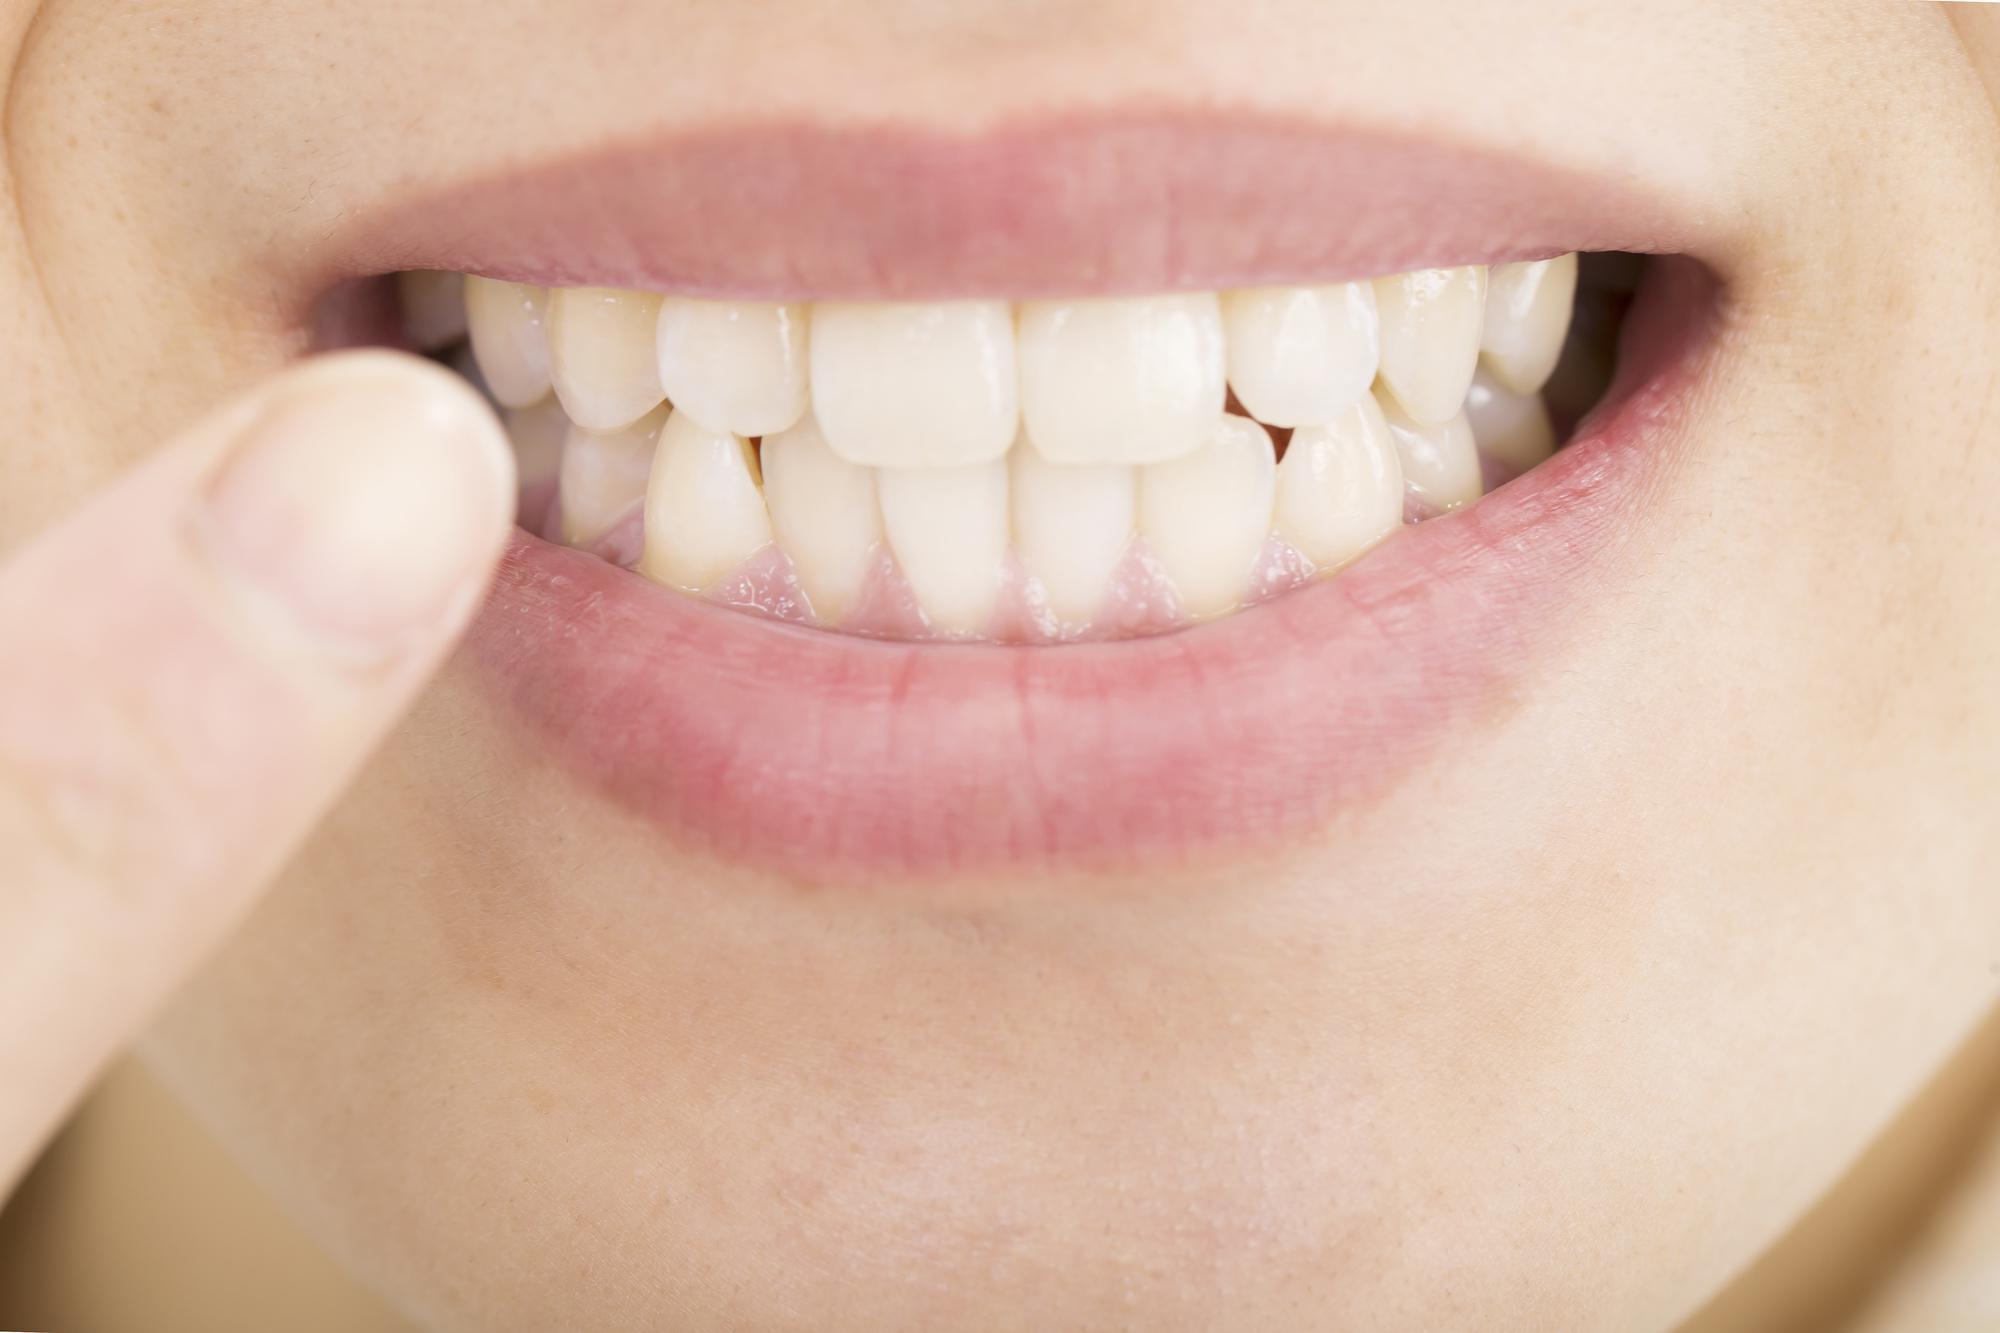 歯を白く維持するにはどれくらいの期間でホワイトニングするのが適切か